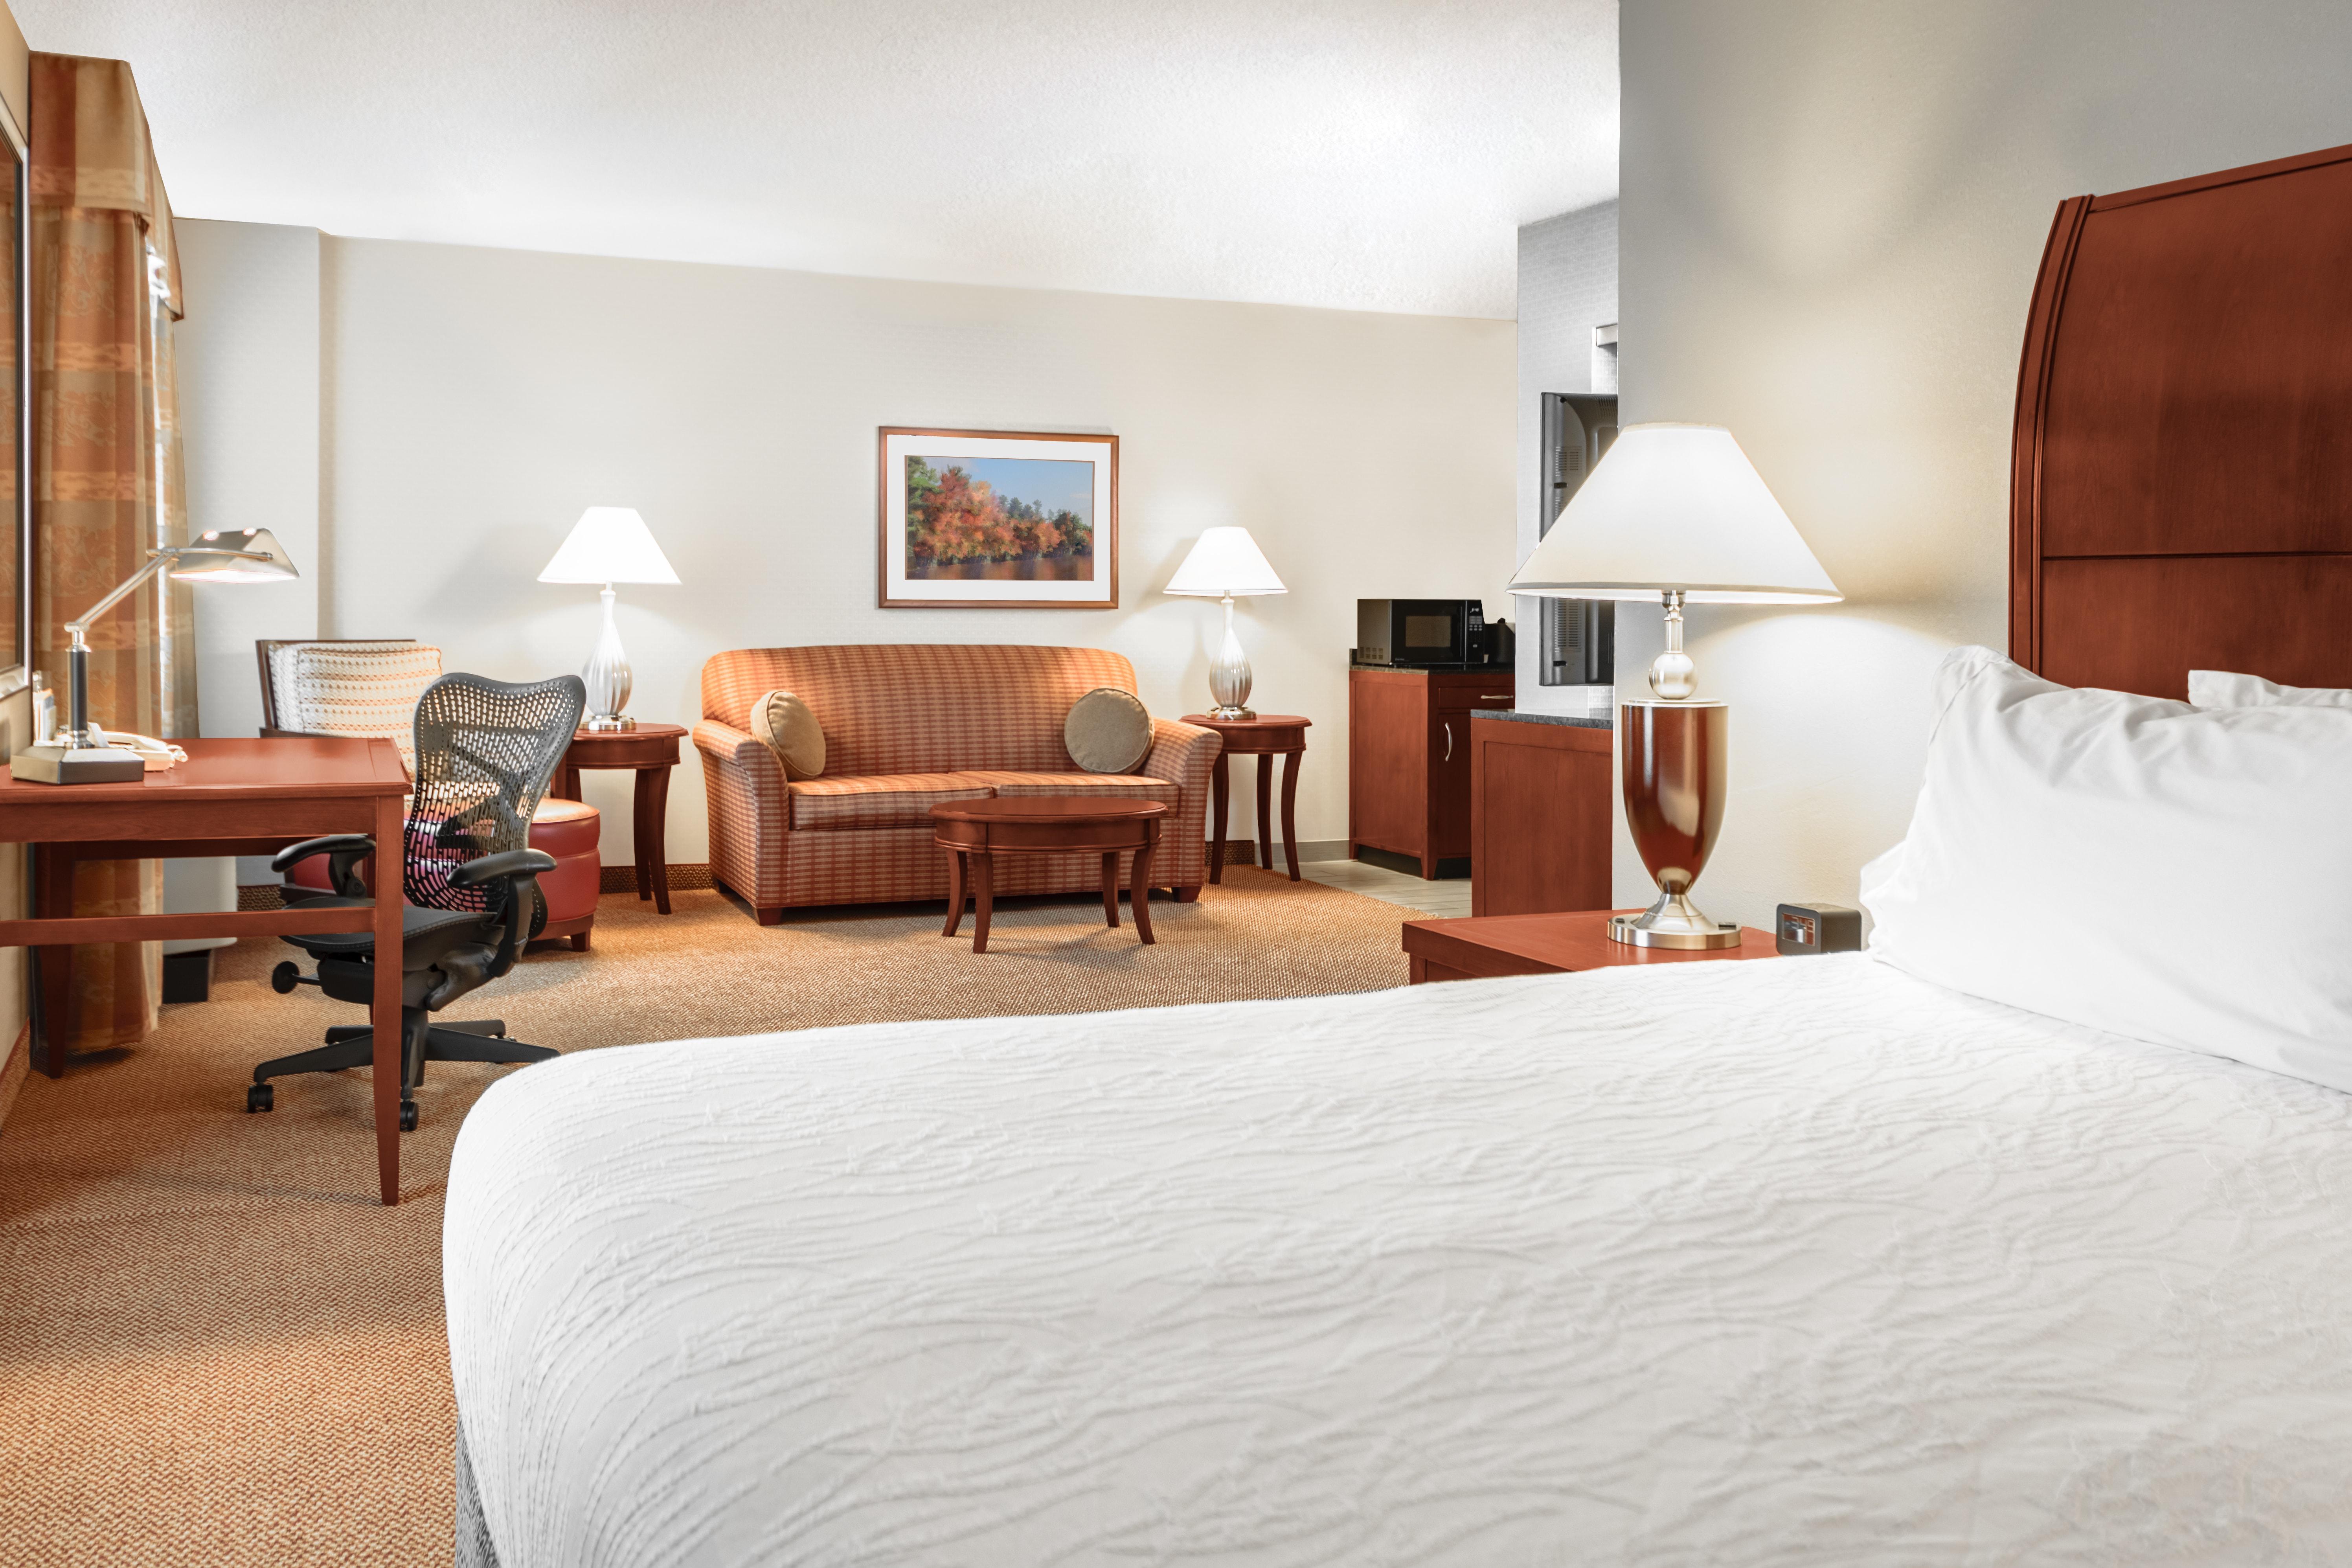 https://www.hotelsbyday.com/_data/default-hotel_image/3/16034/dsc-6862-hdra.jpg